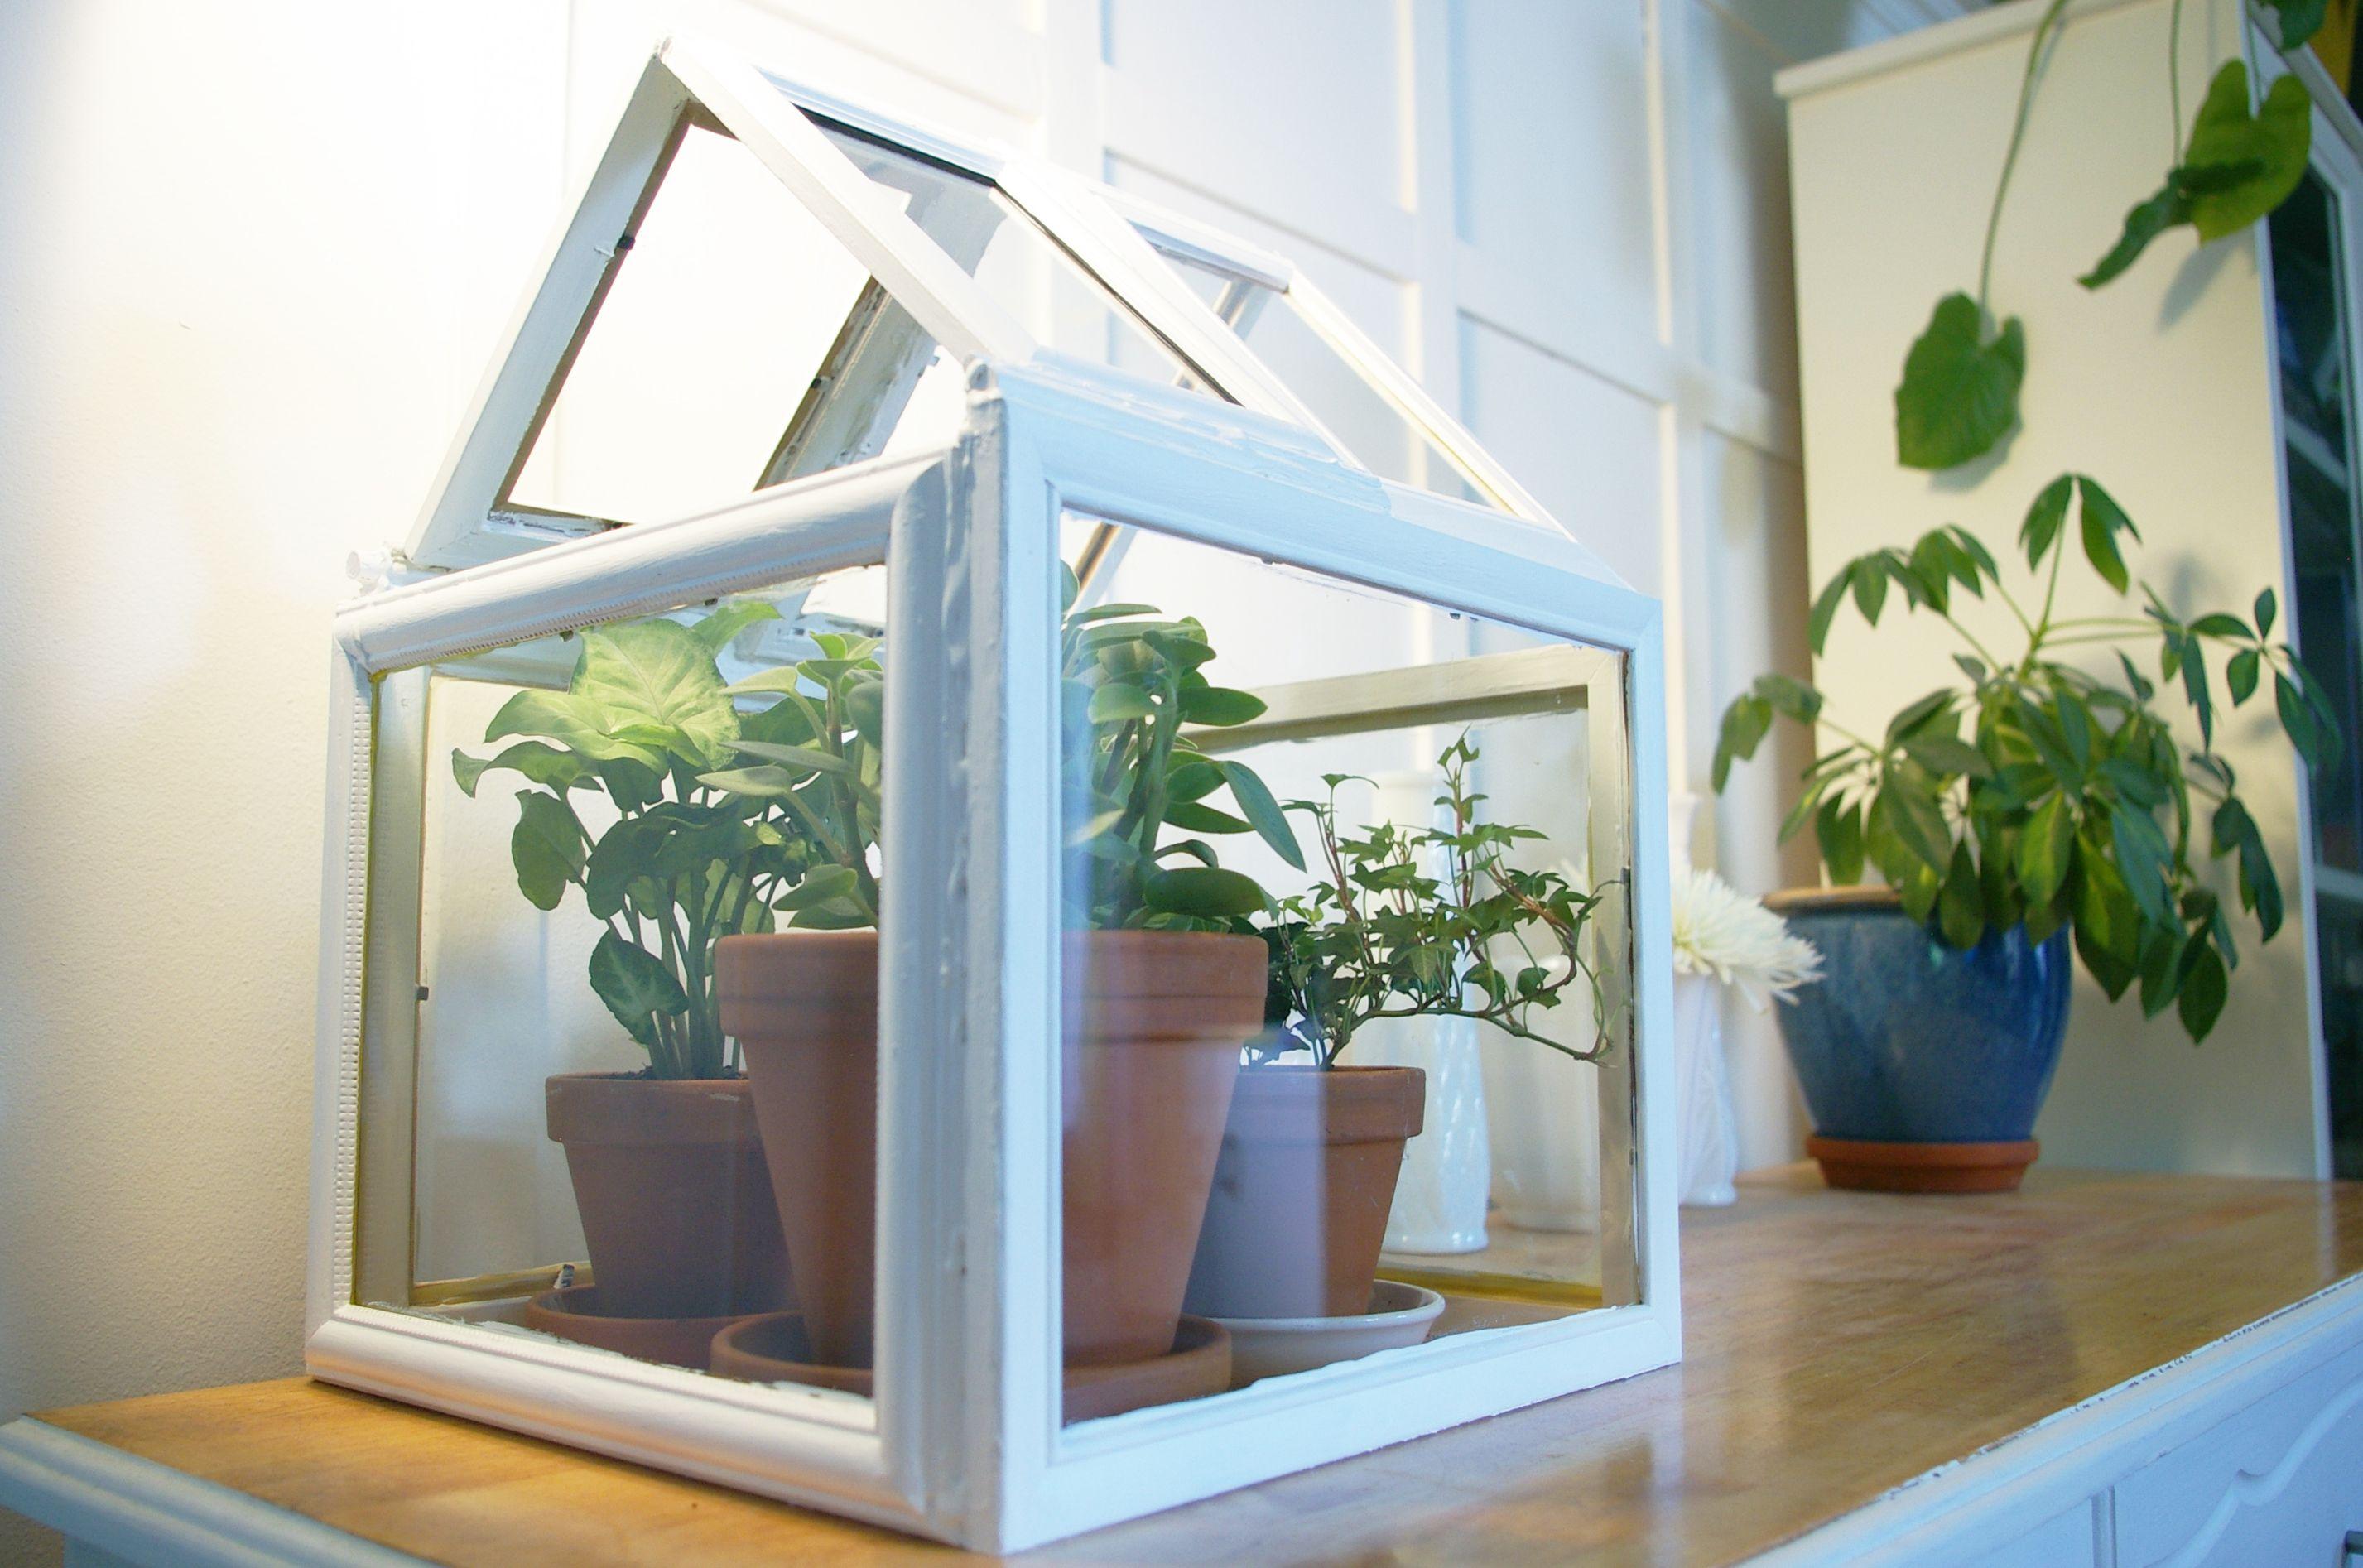 Mini Serre Diy Diy Small Greenhouse Serre Bricolage Petite Serre Deco Chambre